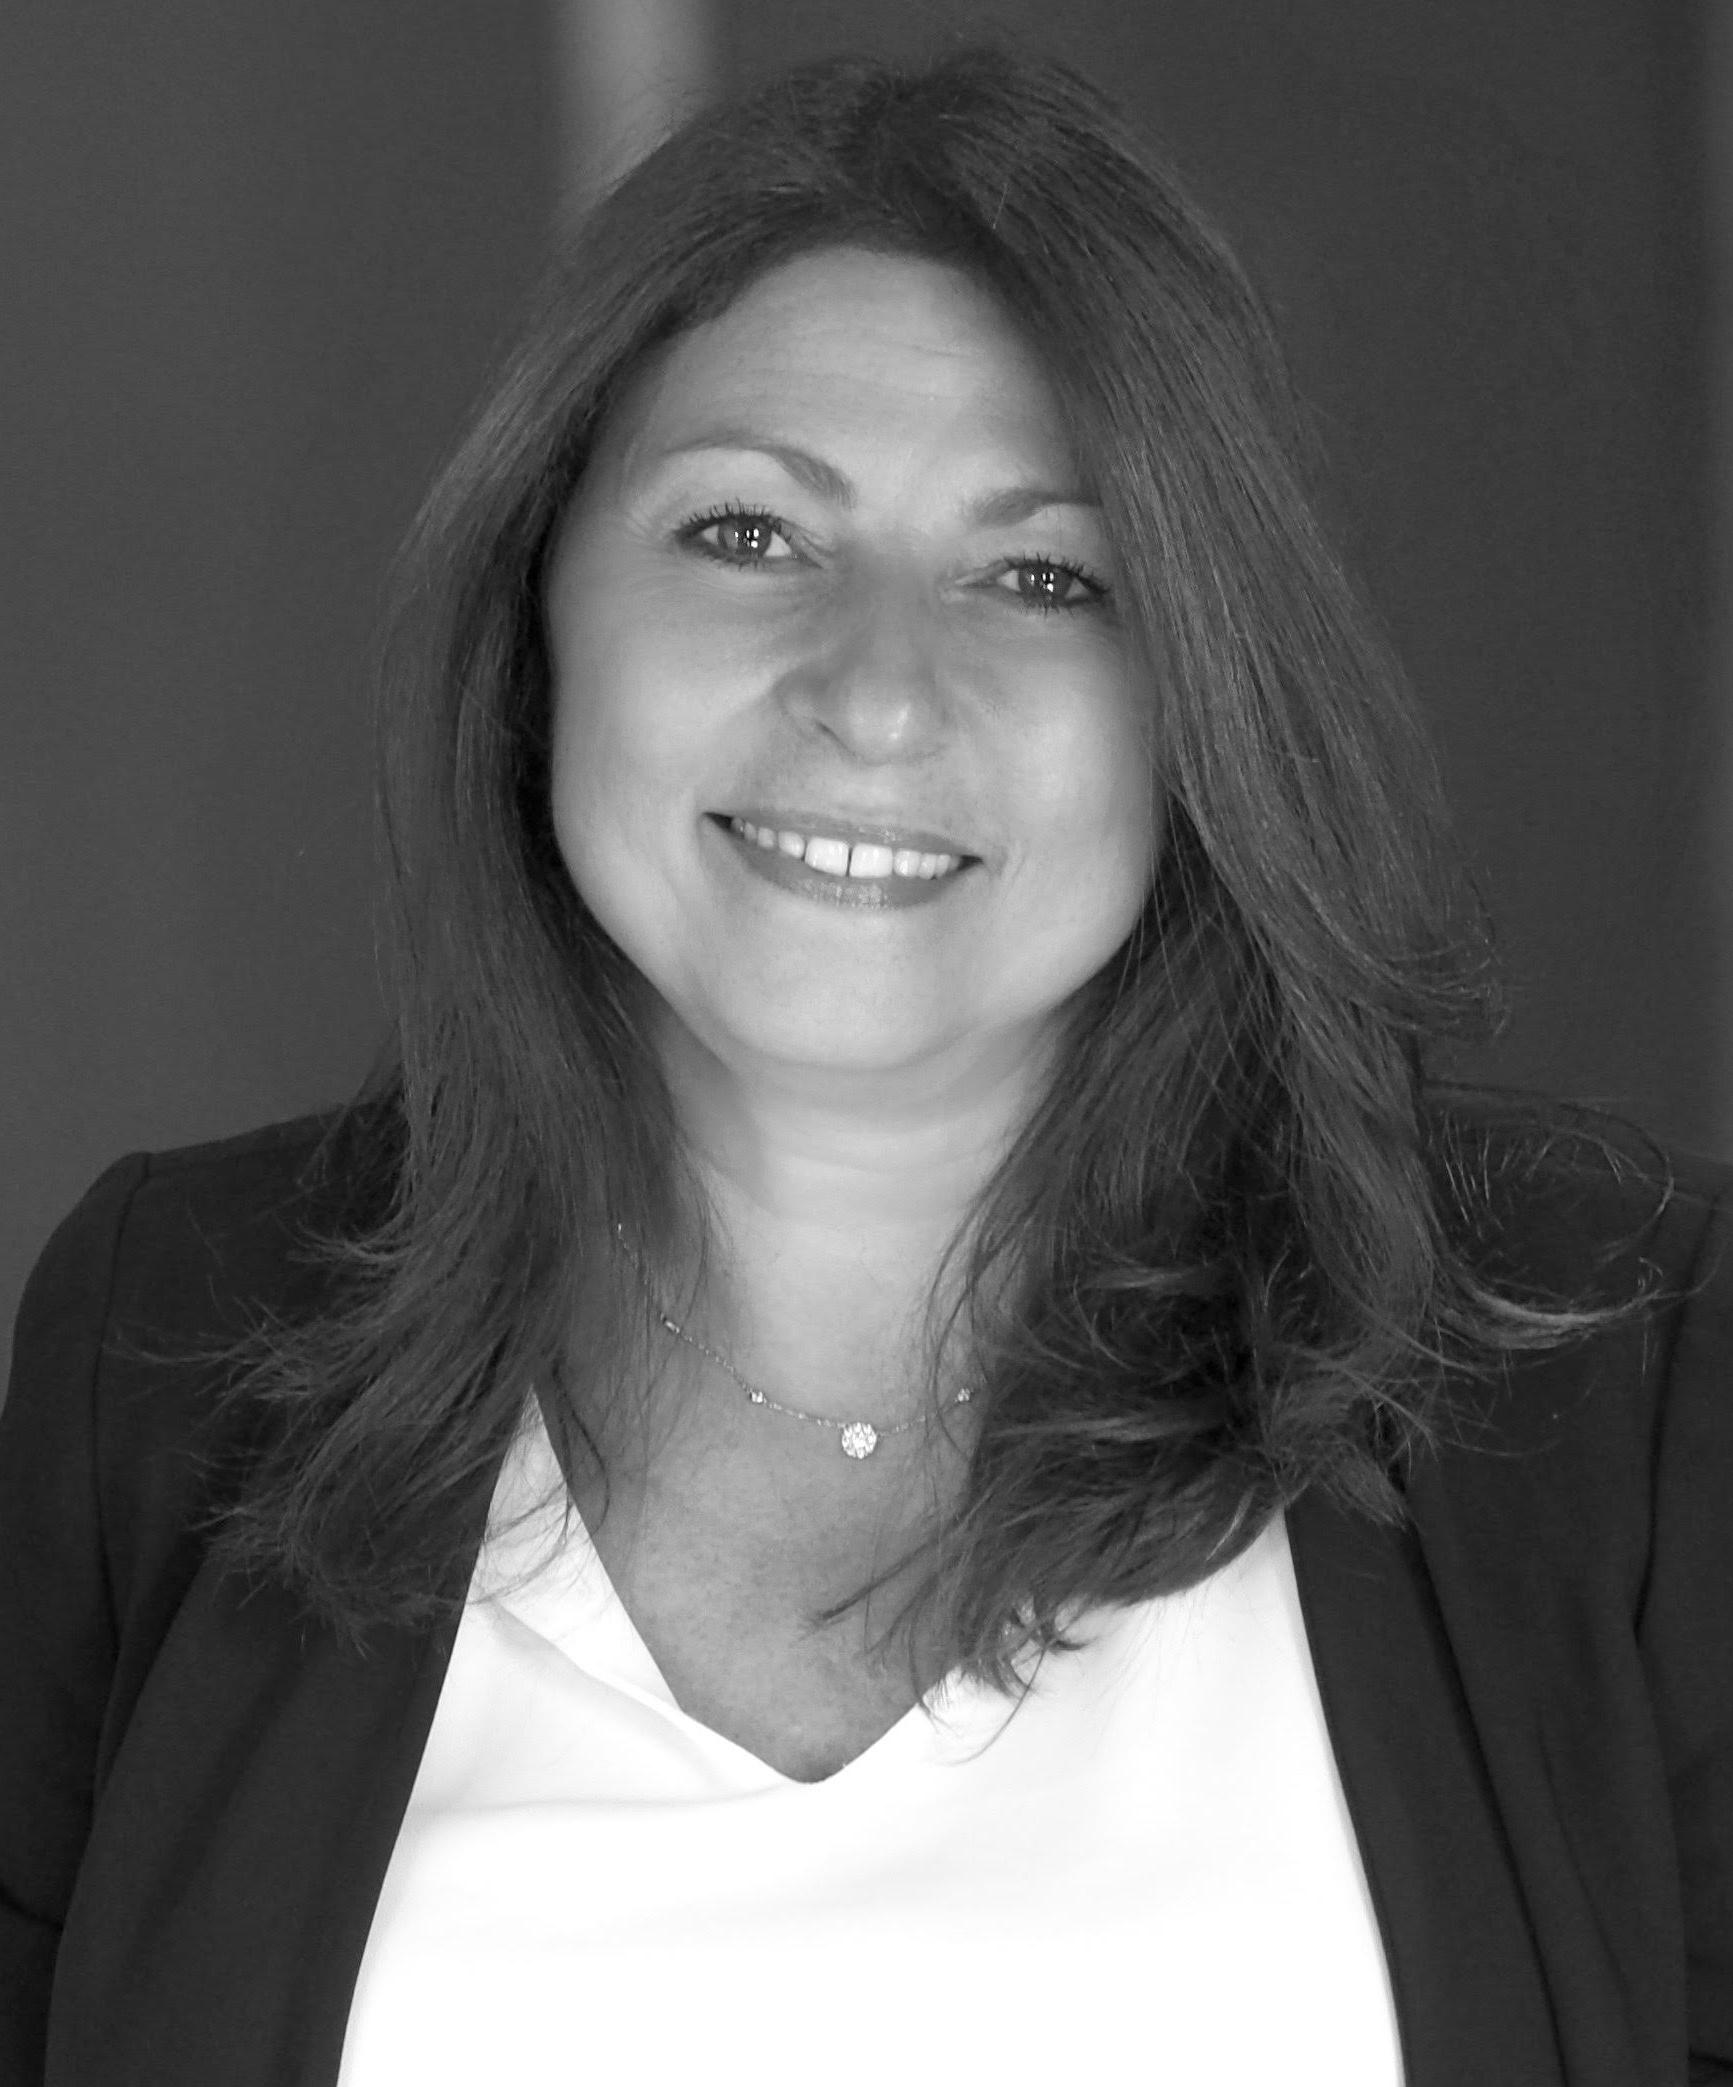 Laurie Tenenbaum